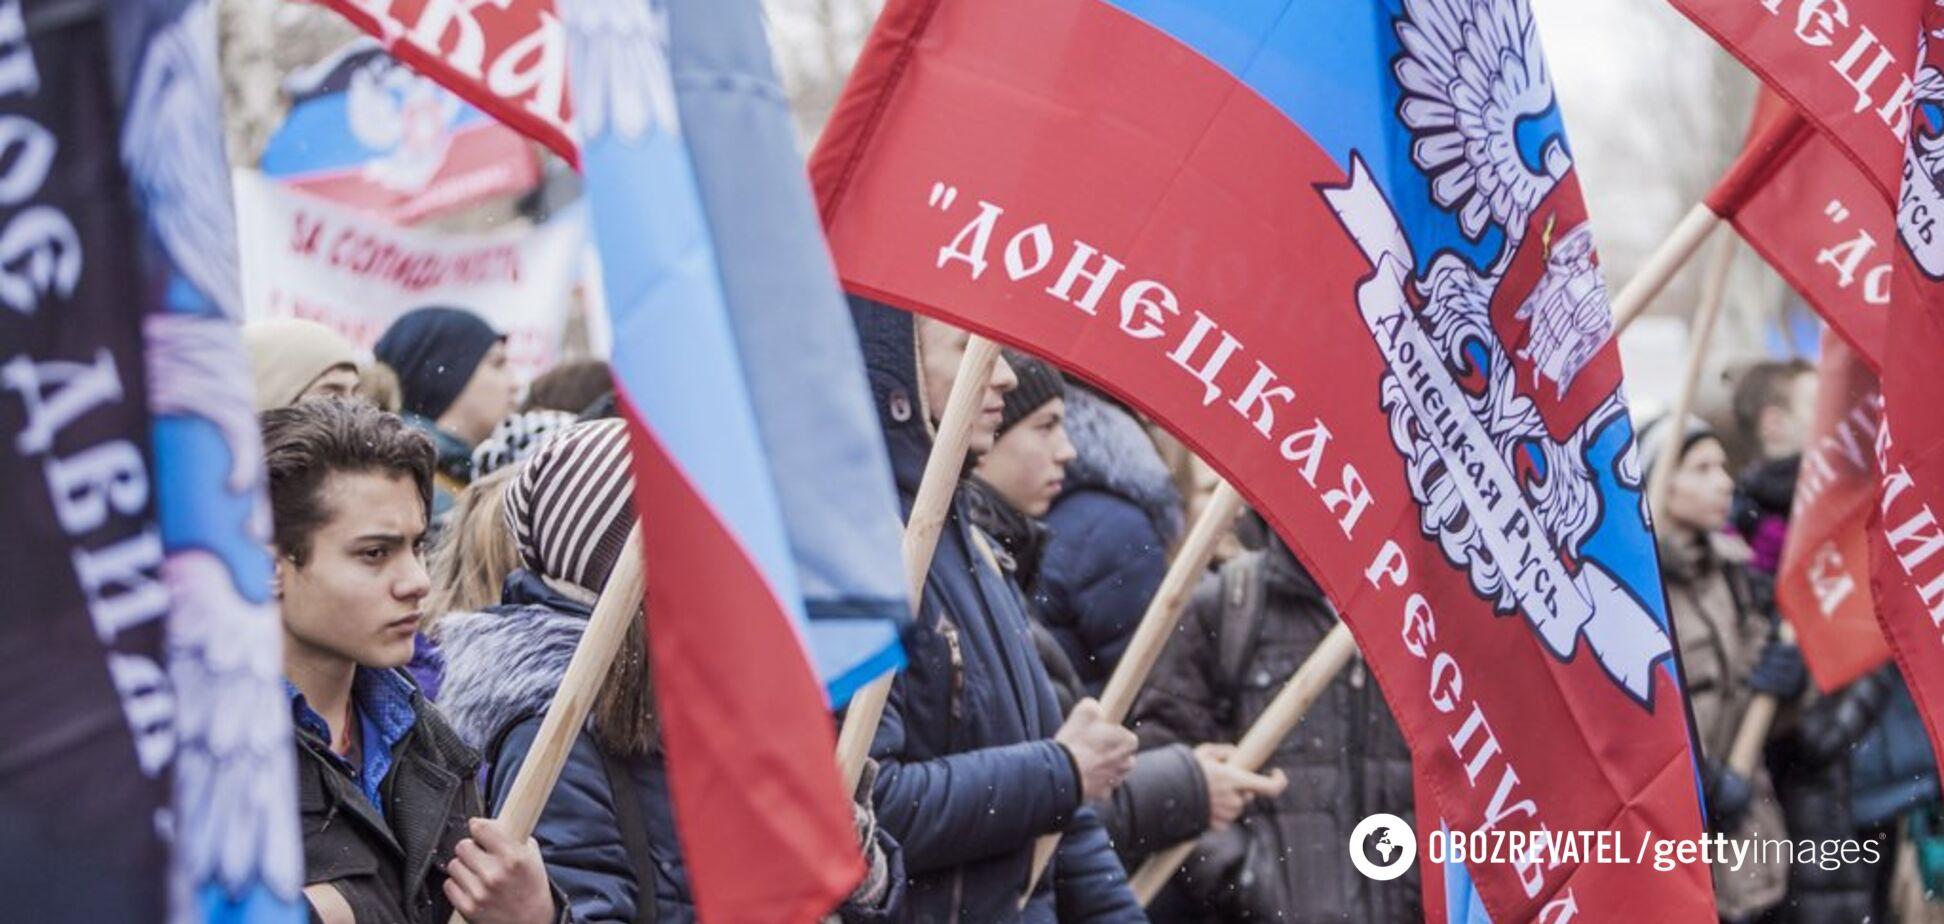 Де дешевше: блогер порівняв ціни на продукти в Донецьку і Києві